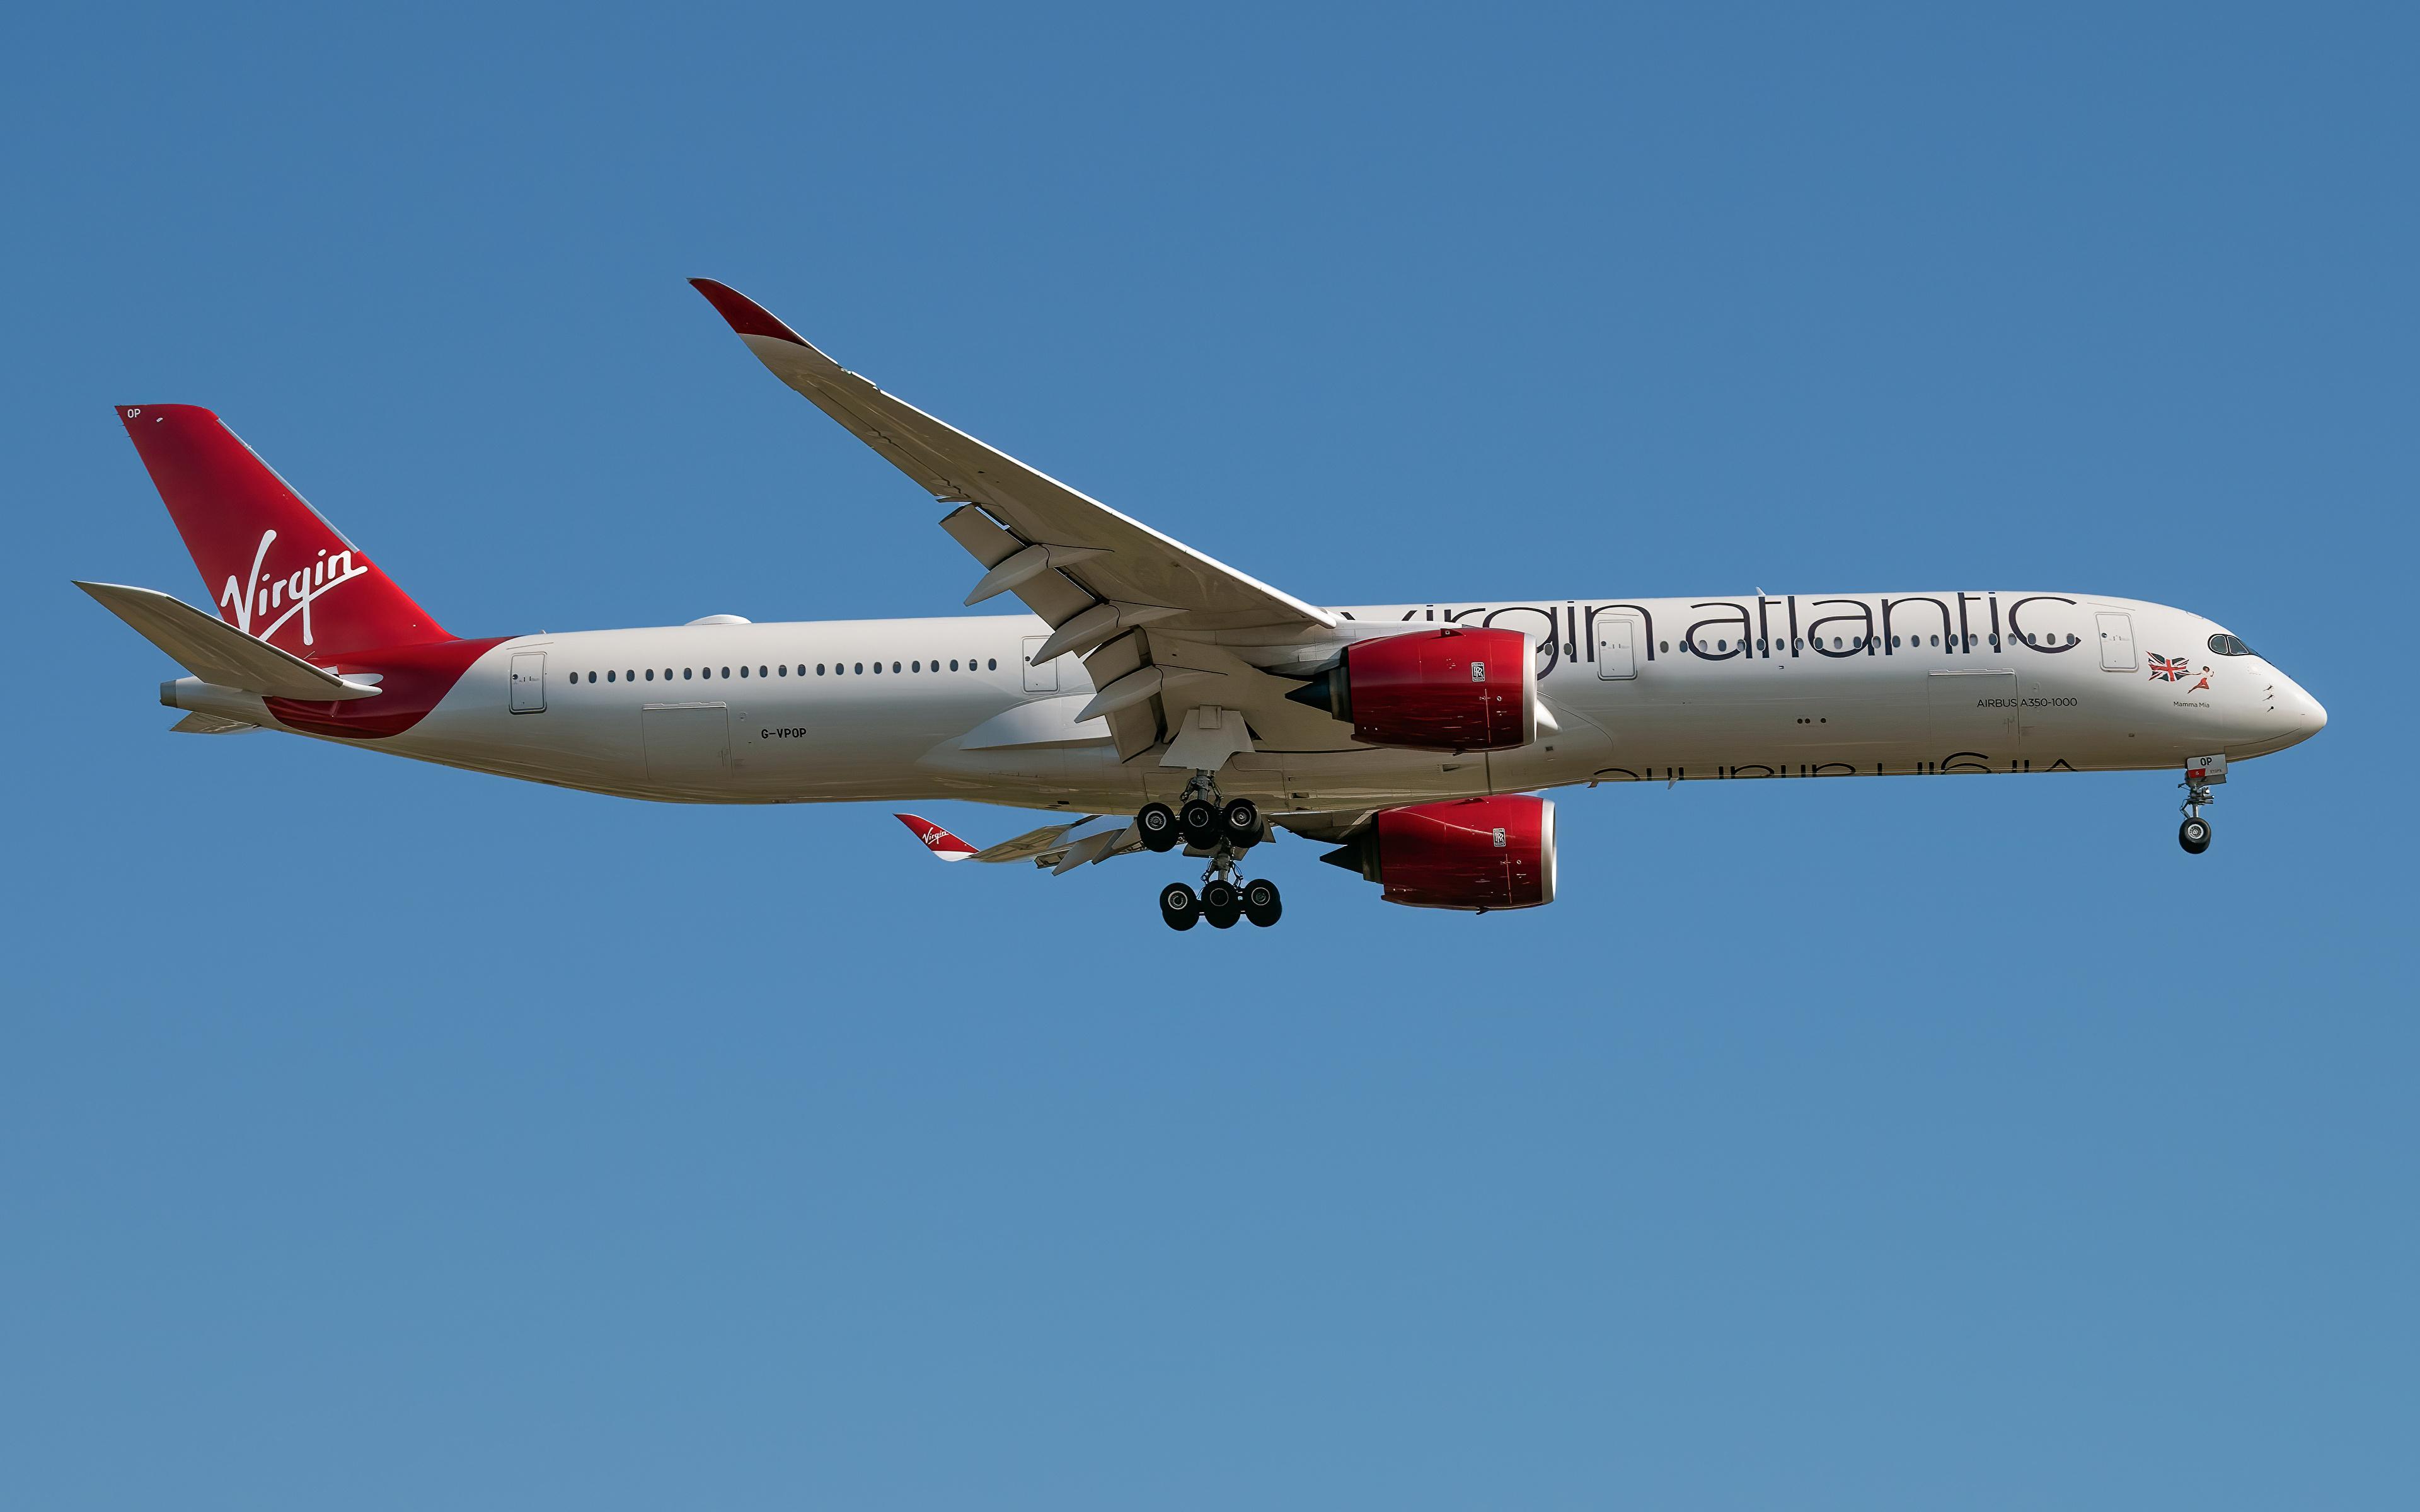 Фотографии Эйрбас Самолеты Пассажирские Самолеты A350-1000, Virgin Atlantic Сбоку Авиация 3840x2400 Airbus